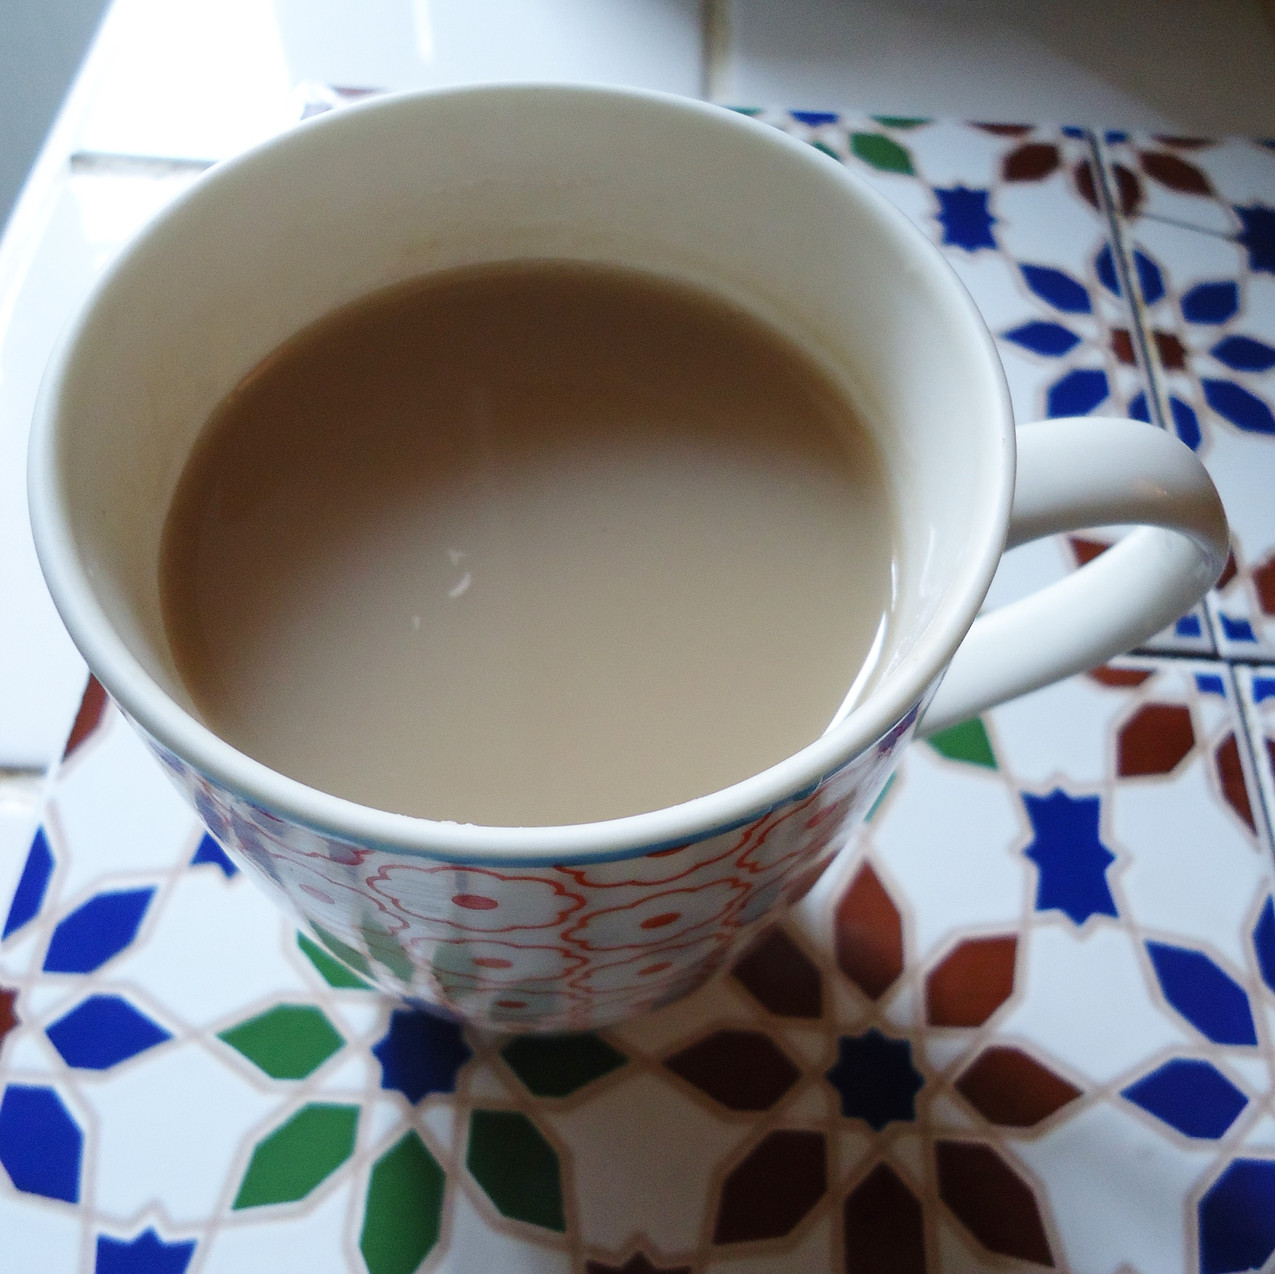 A cup of 'Typhoo' tea.